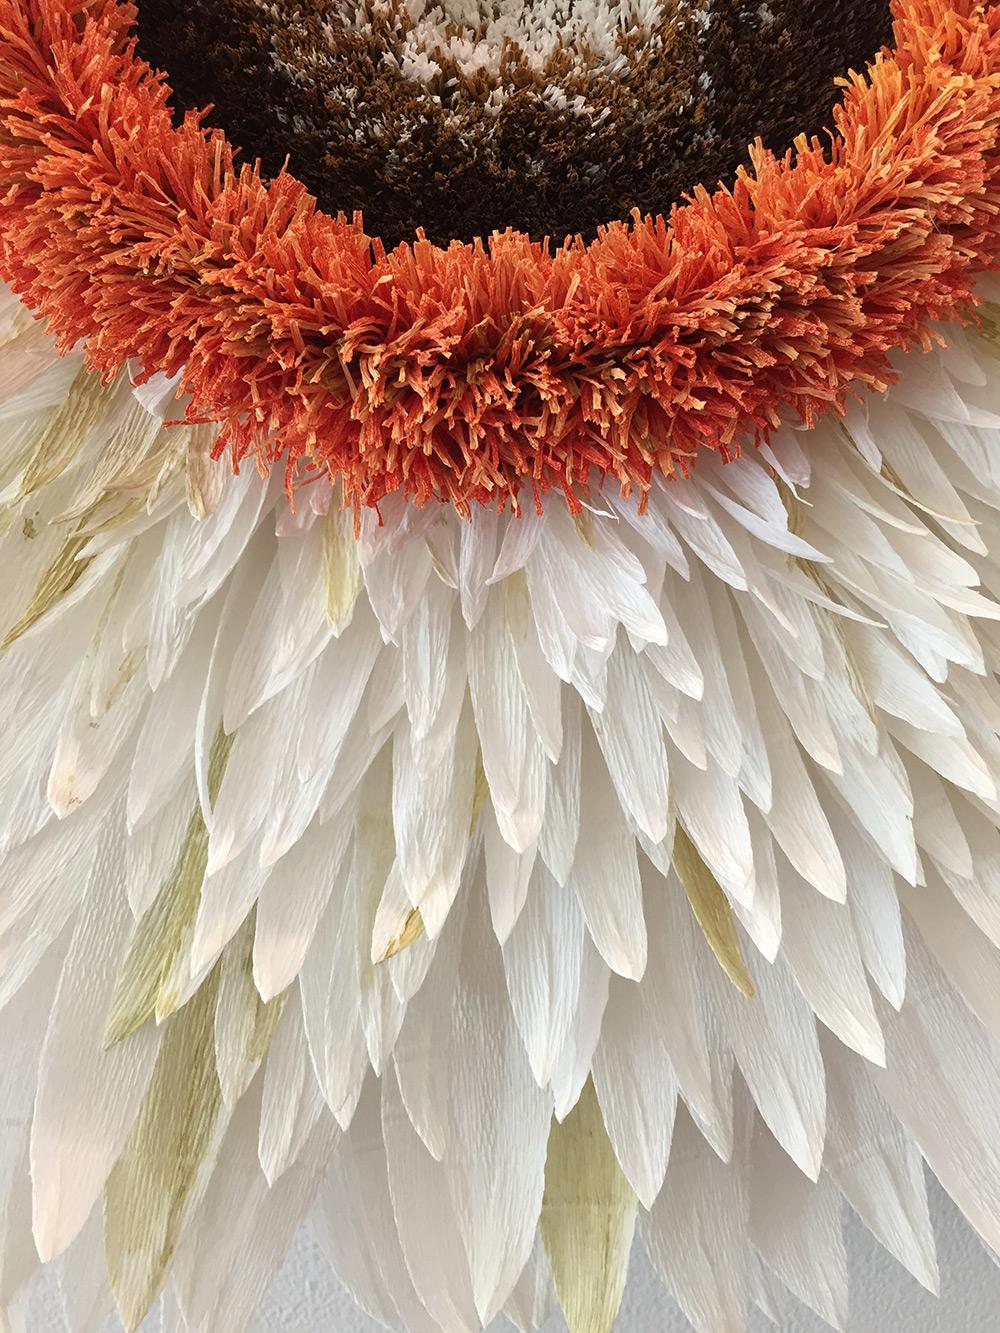 esculturas-gigantes-de-flores-e-400-horas-para-fazer-tiffanie-turner-blog-usenatureza